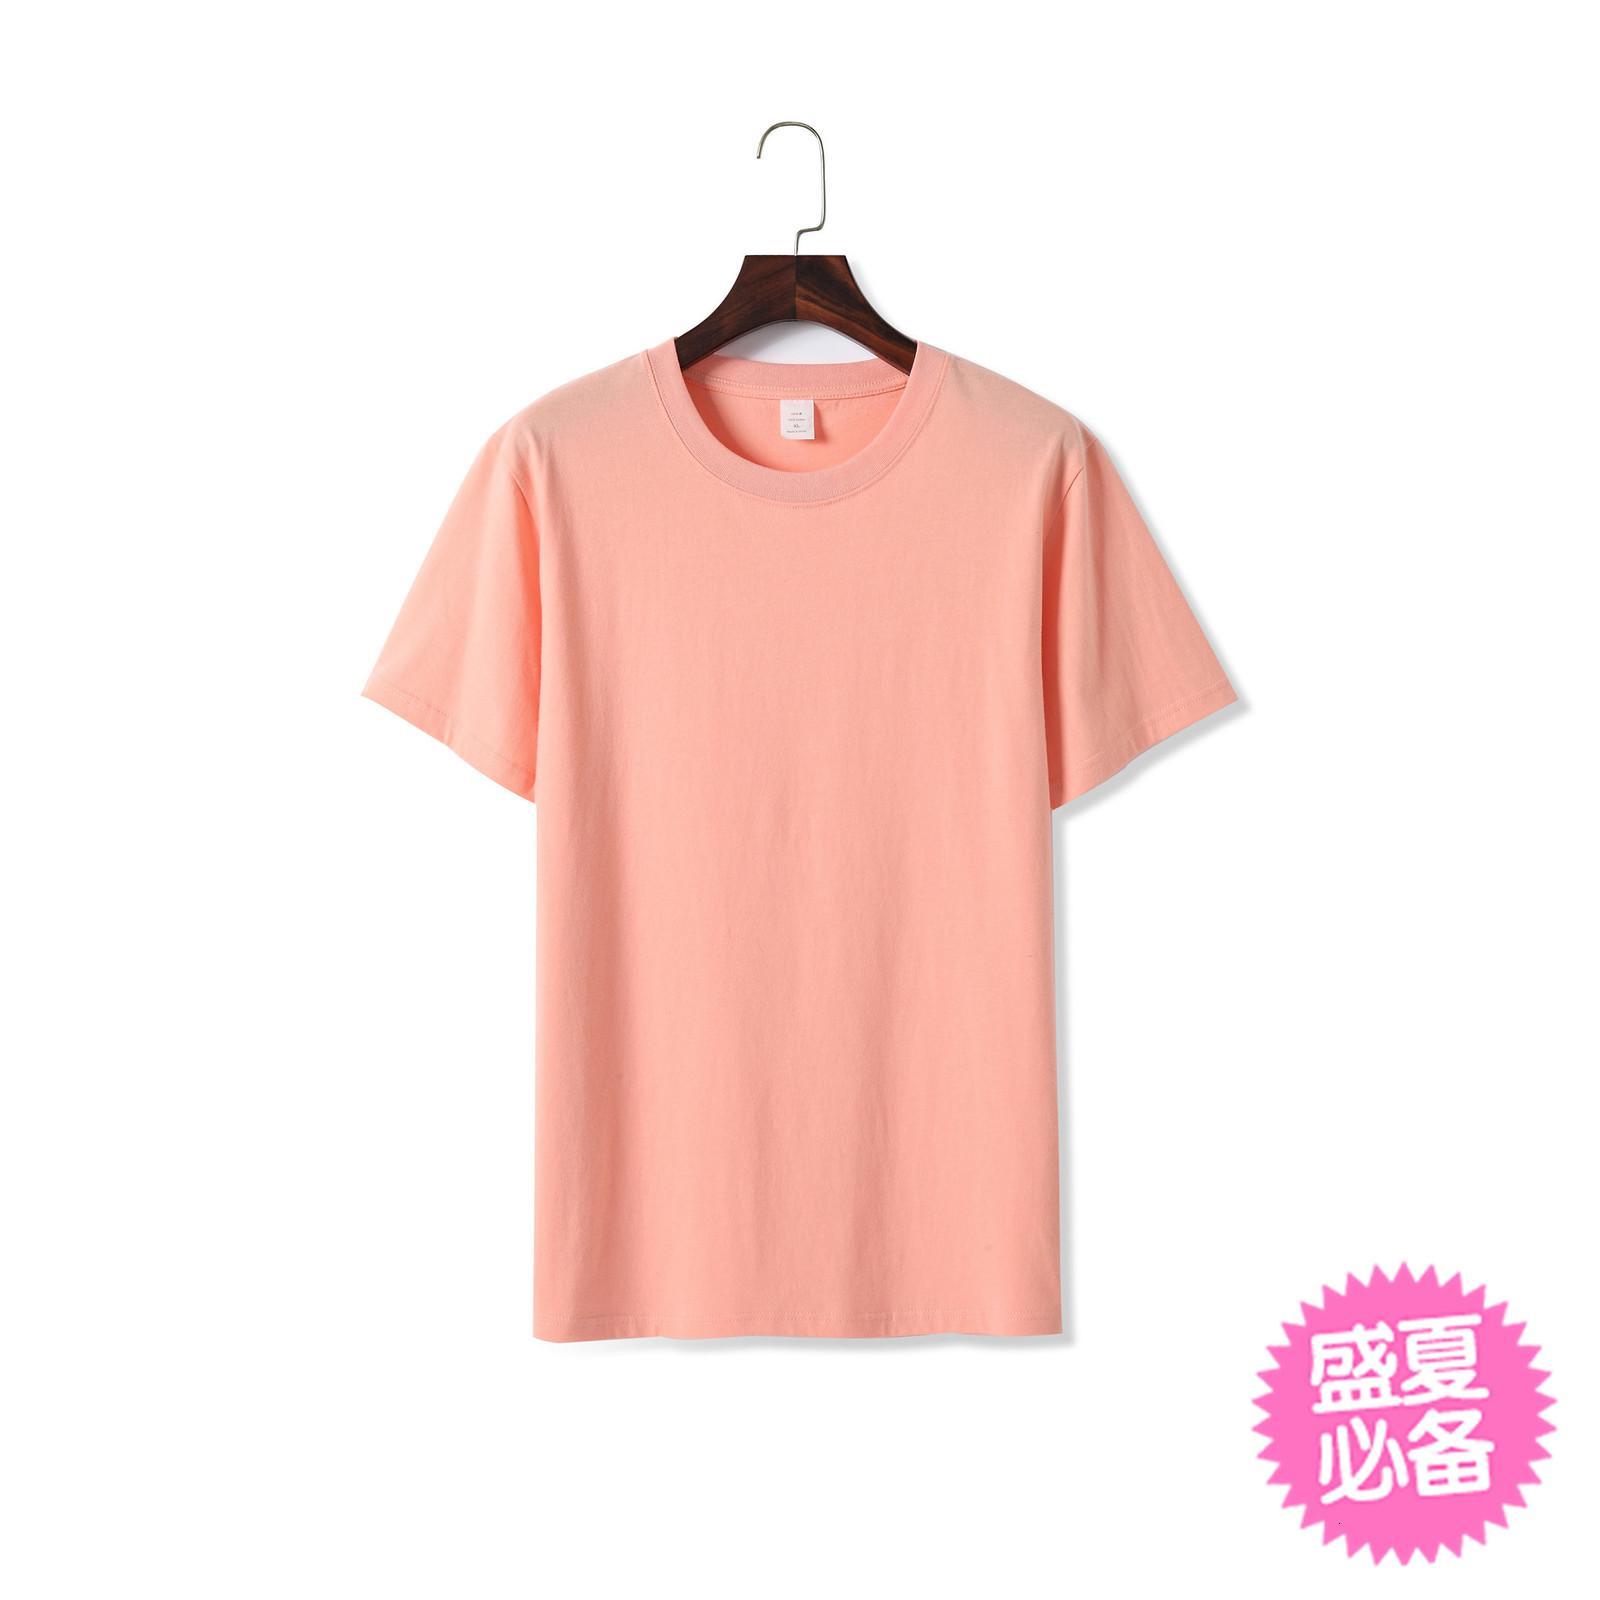 2021 T-shirt de ligação resistente 180g Primavera verão manga curta homens e mulheres pura t-shirtjlk8